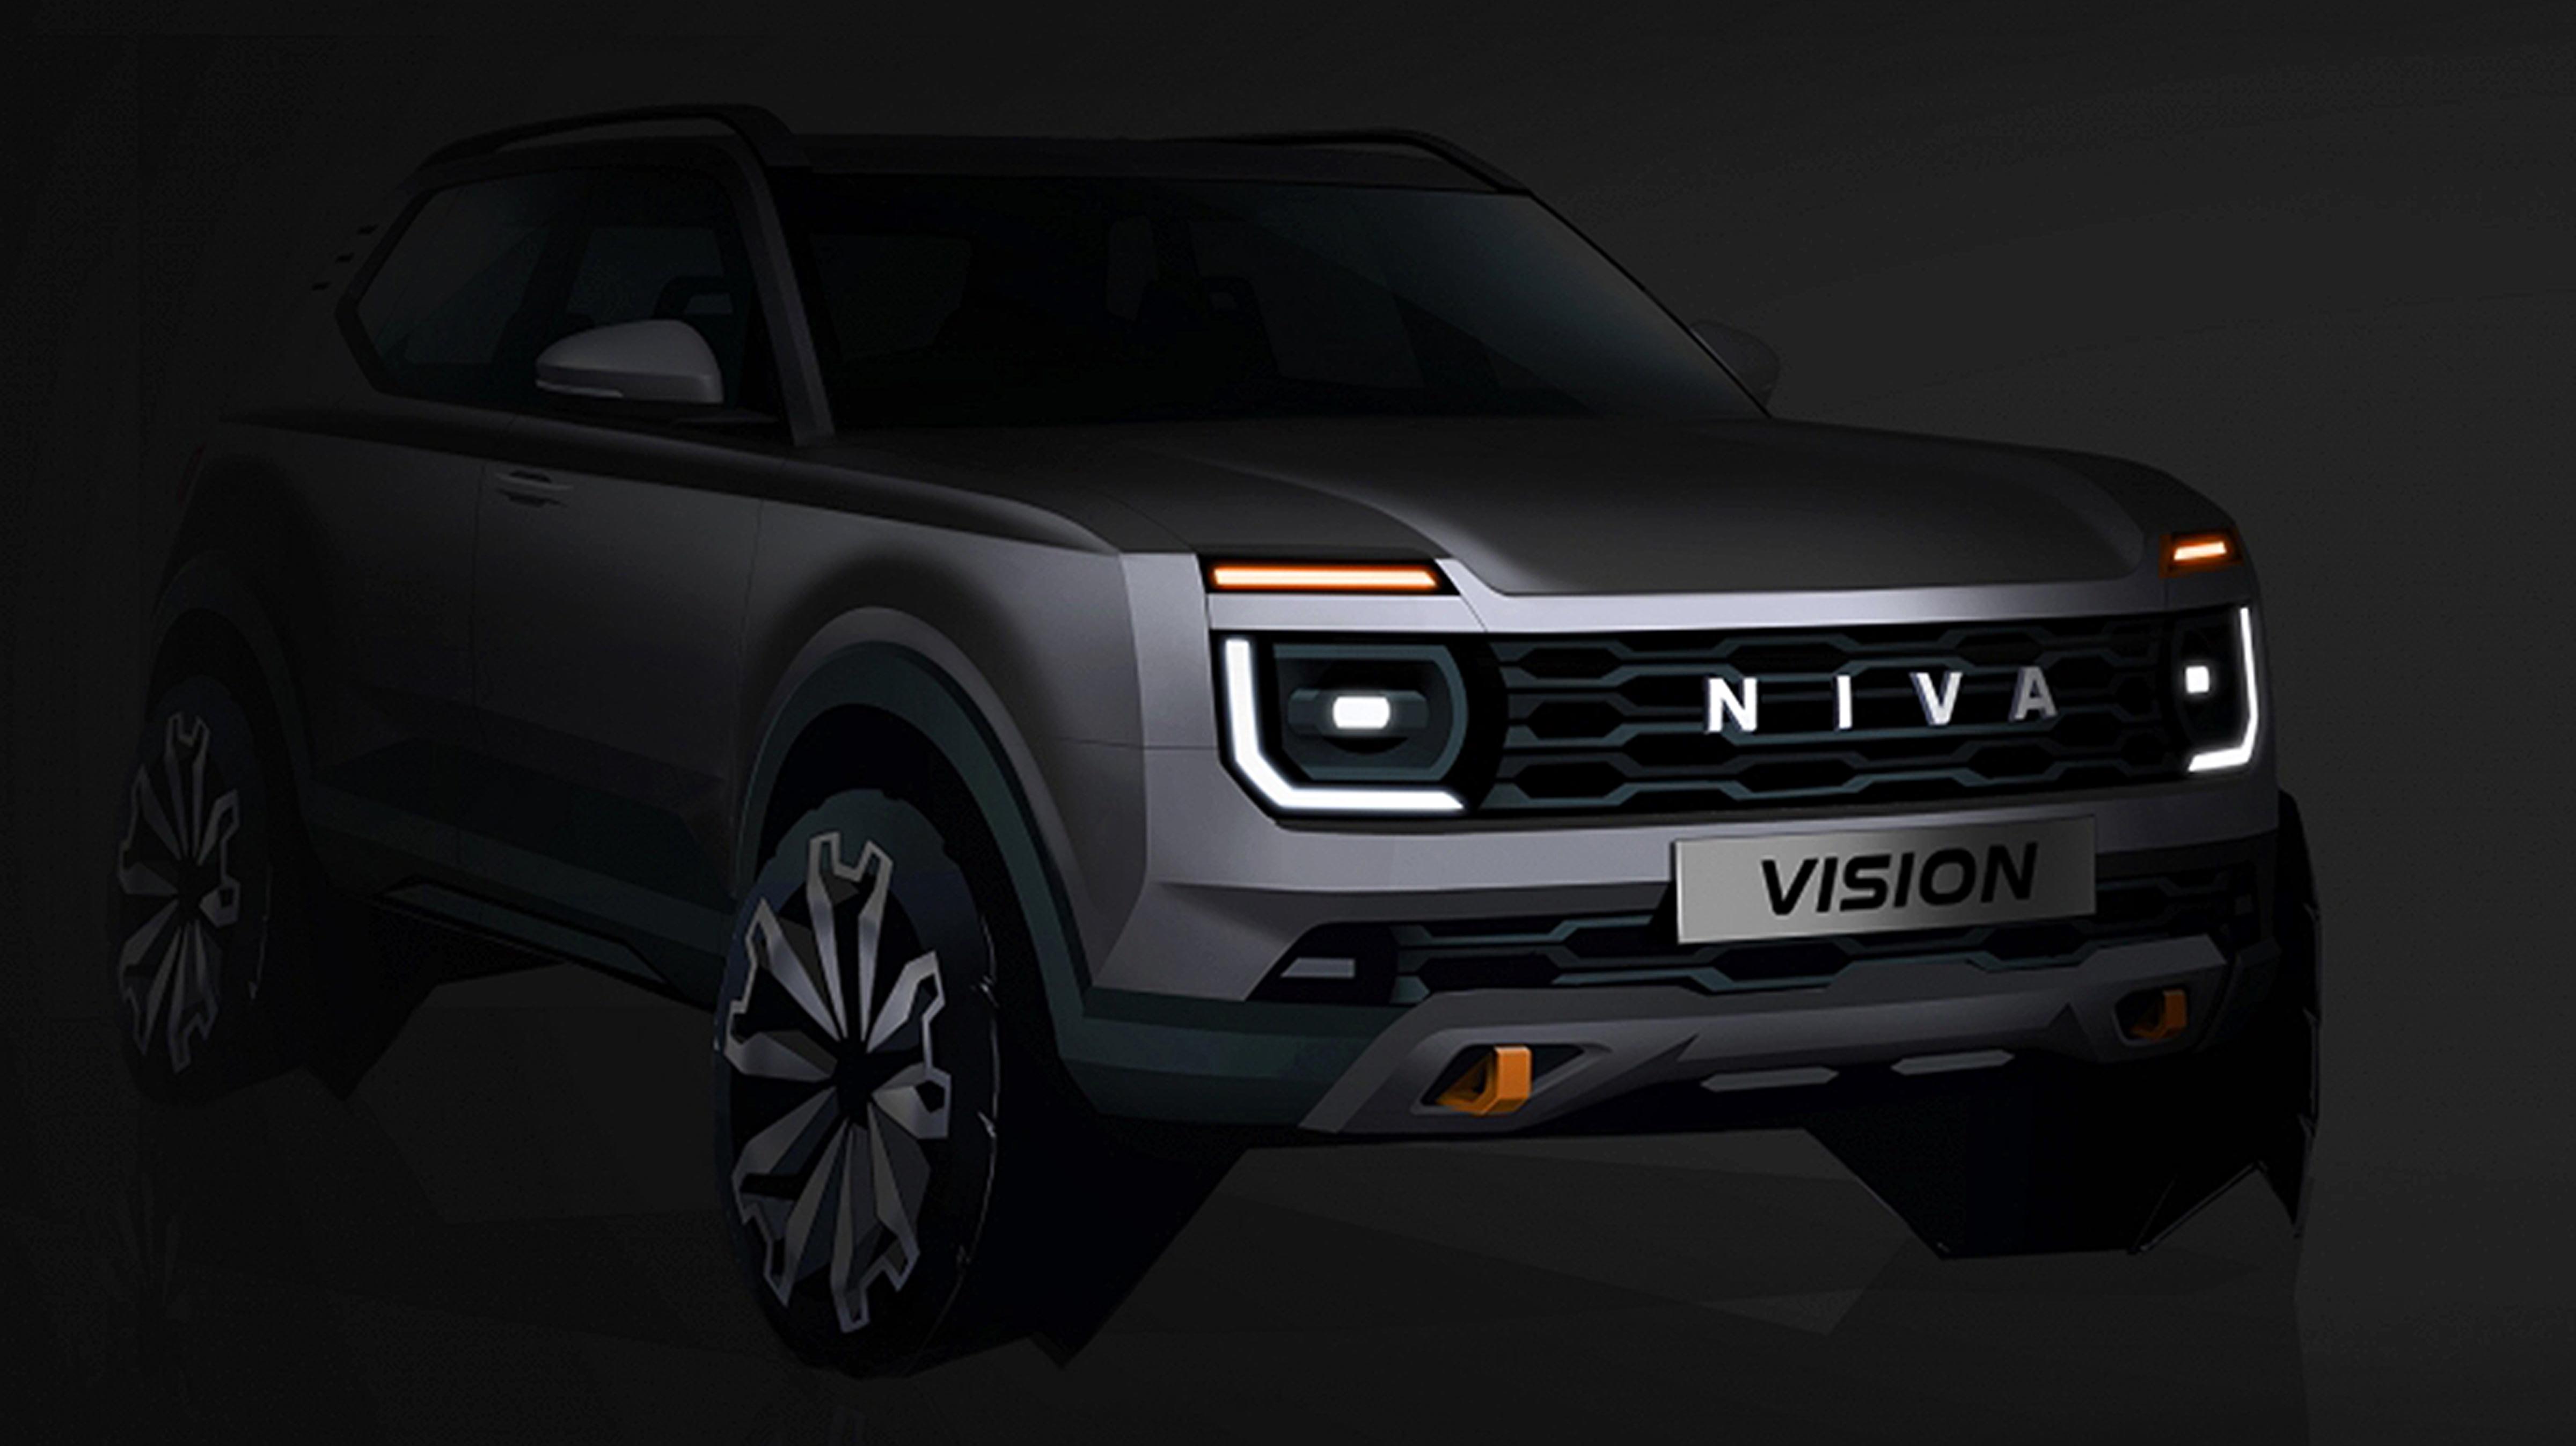 Offiziell! Lada bringt 2024 einen neuen Niva im Retro-Style